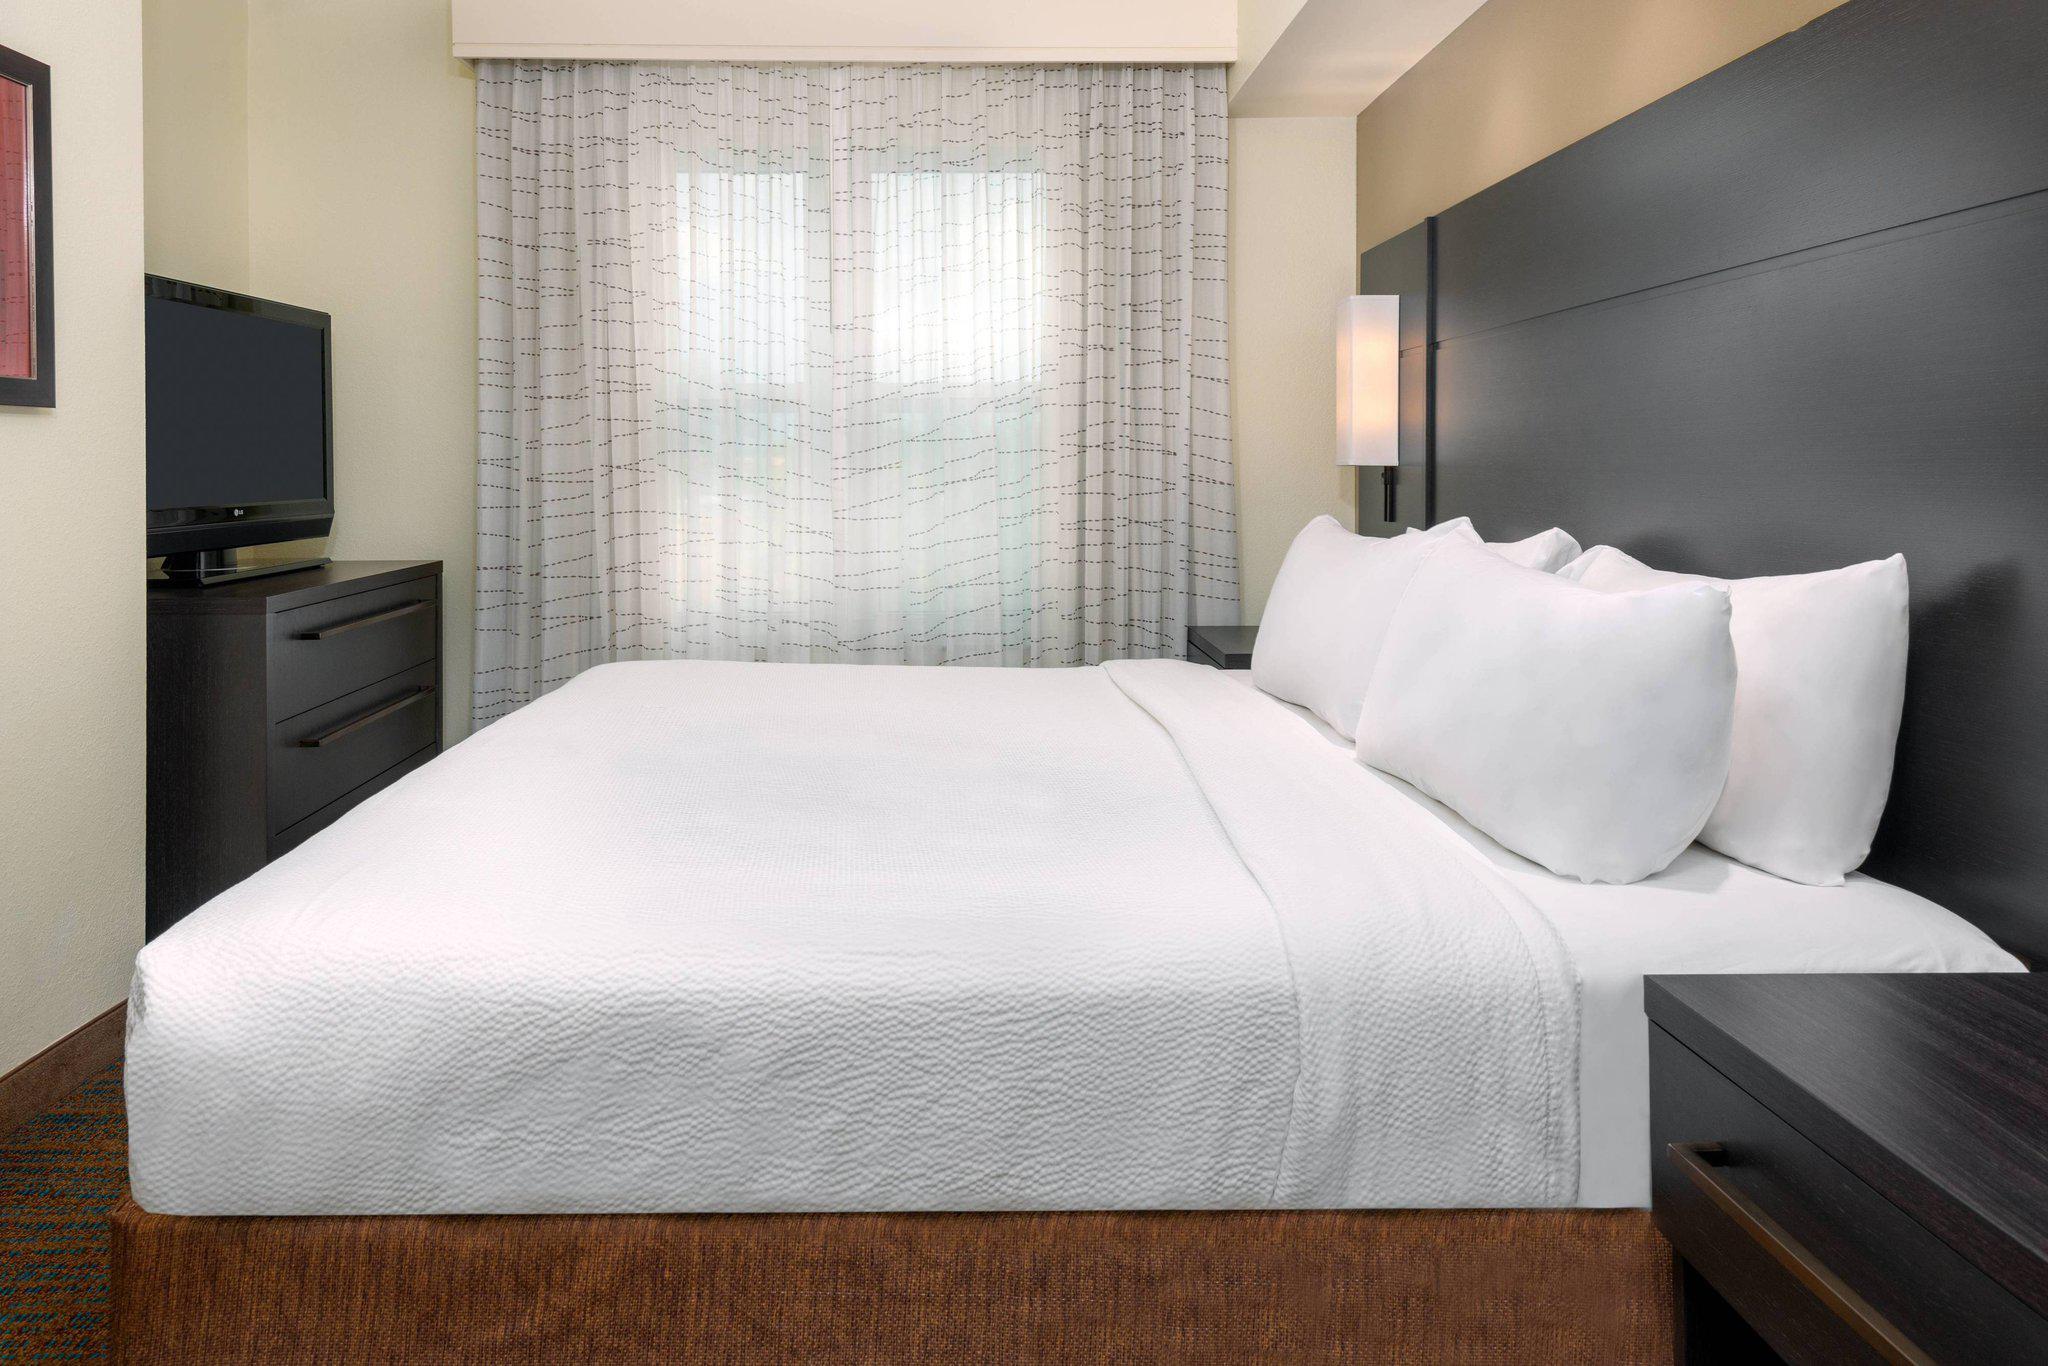 Residence Inn by Marriott Port St. Lucie